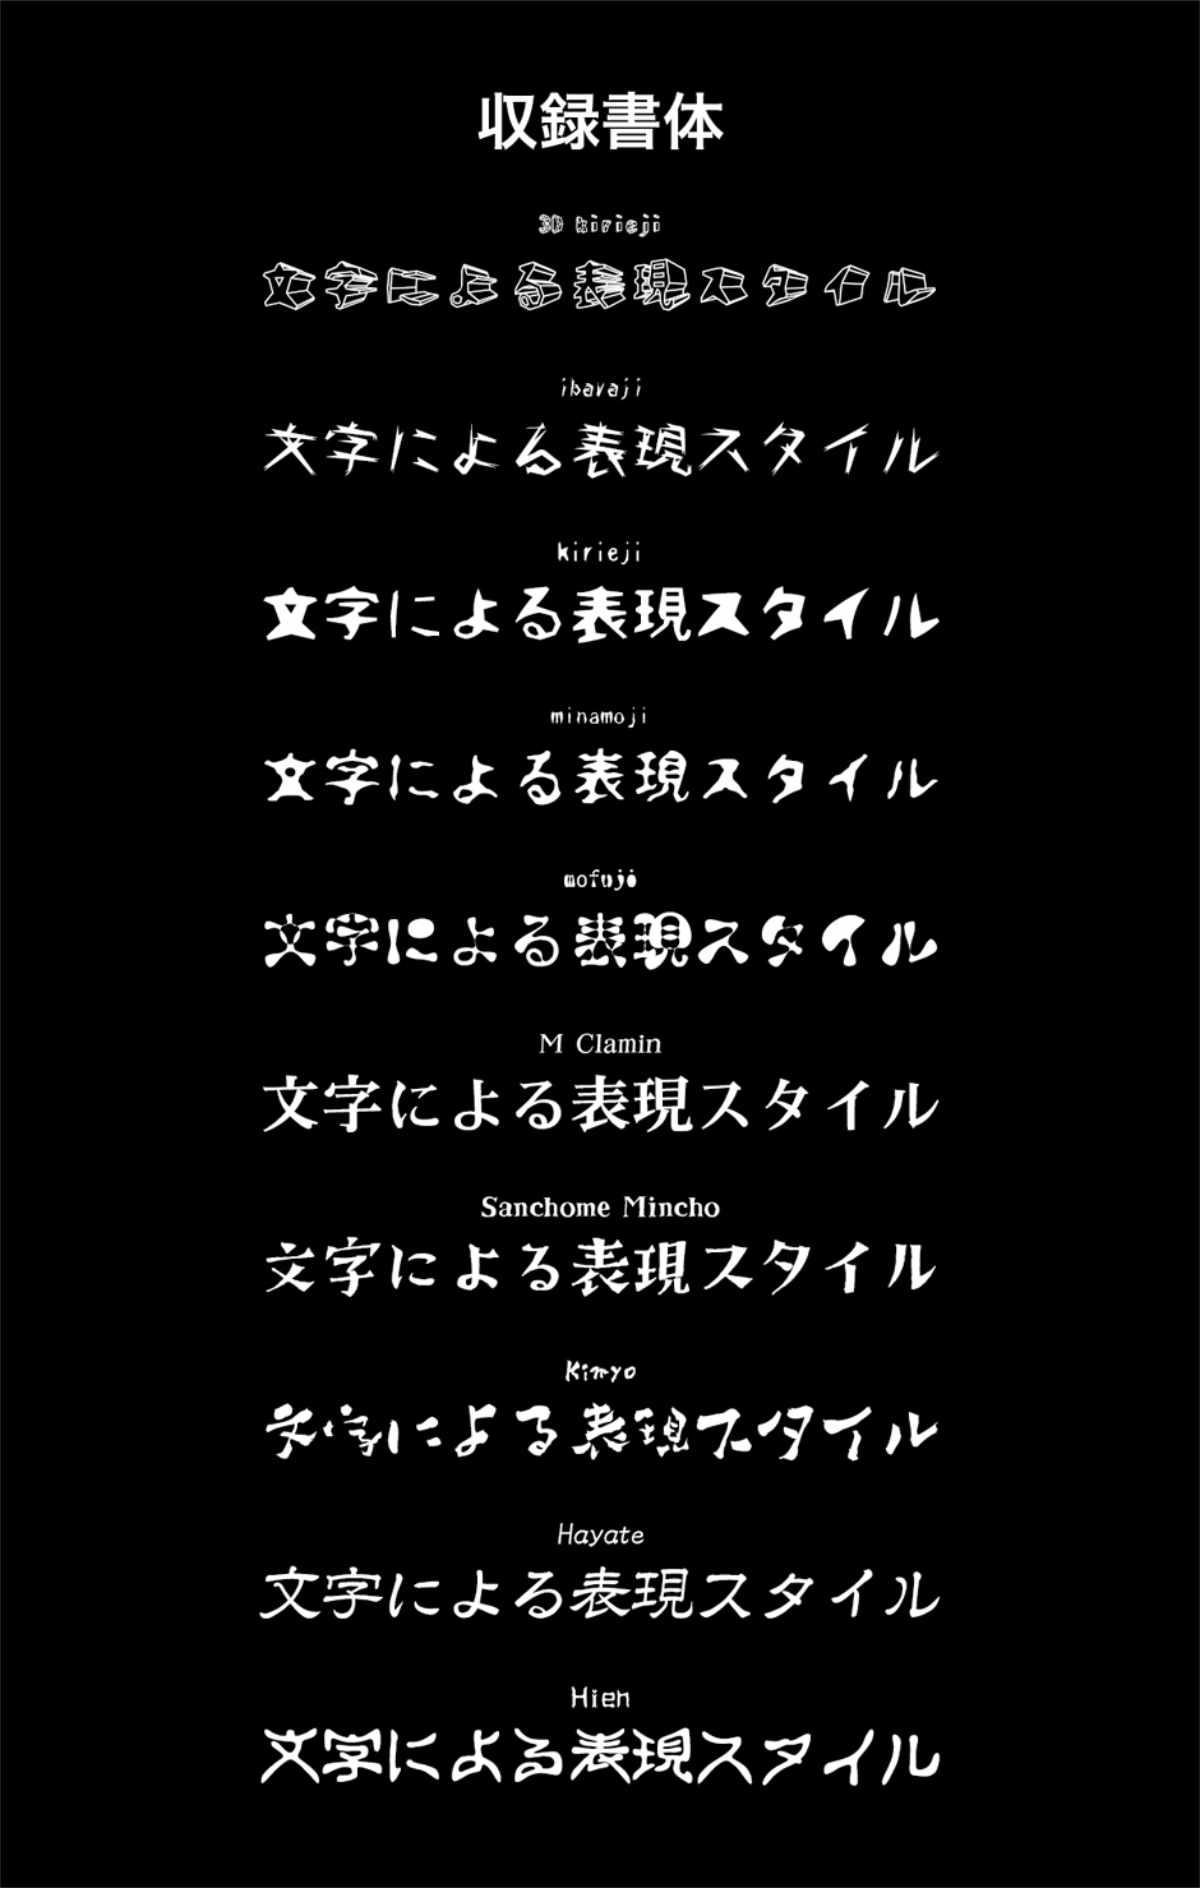 楽しい!個性派日本語フォント集